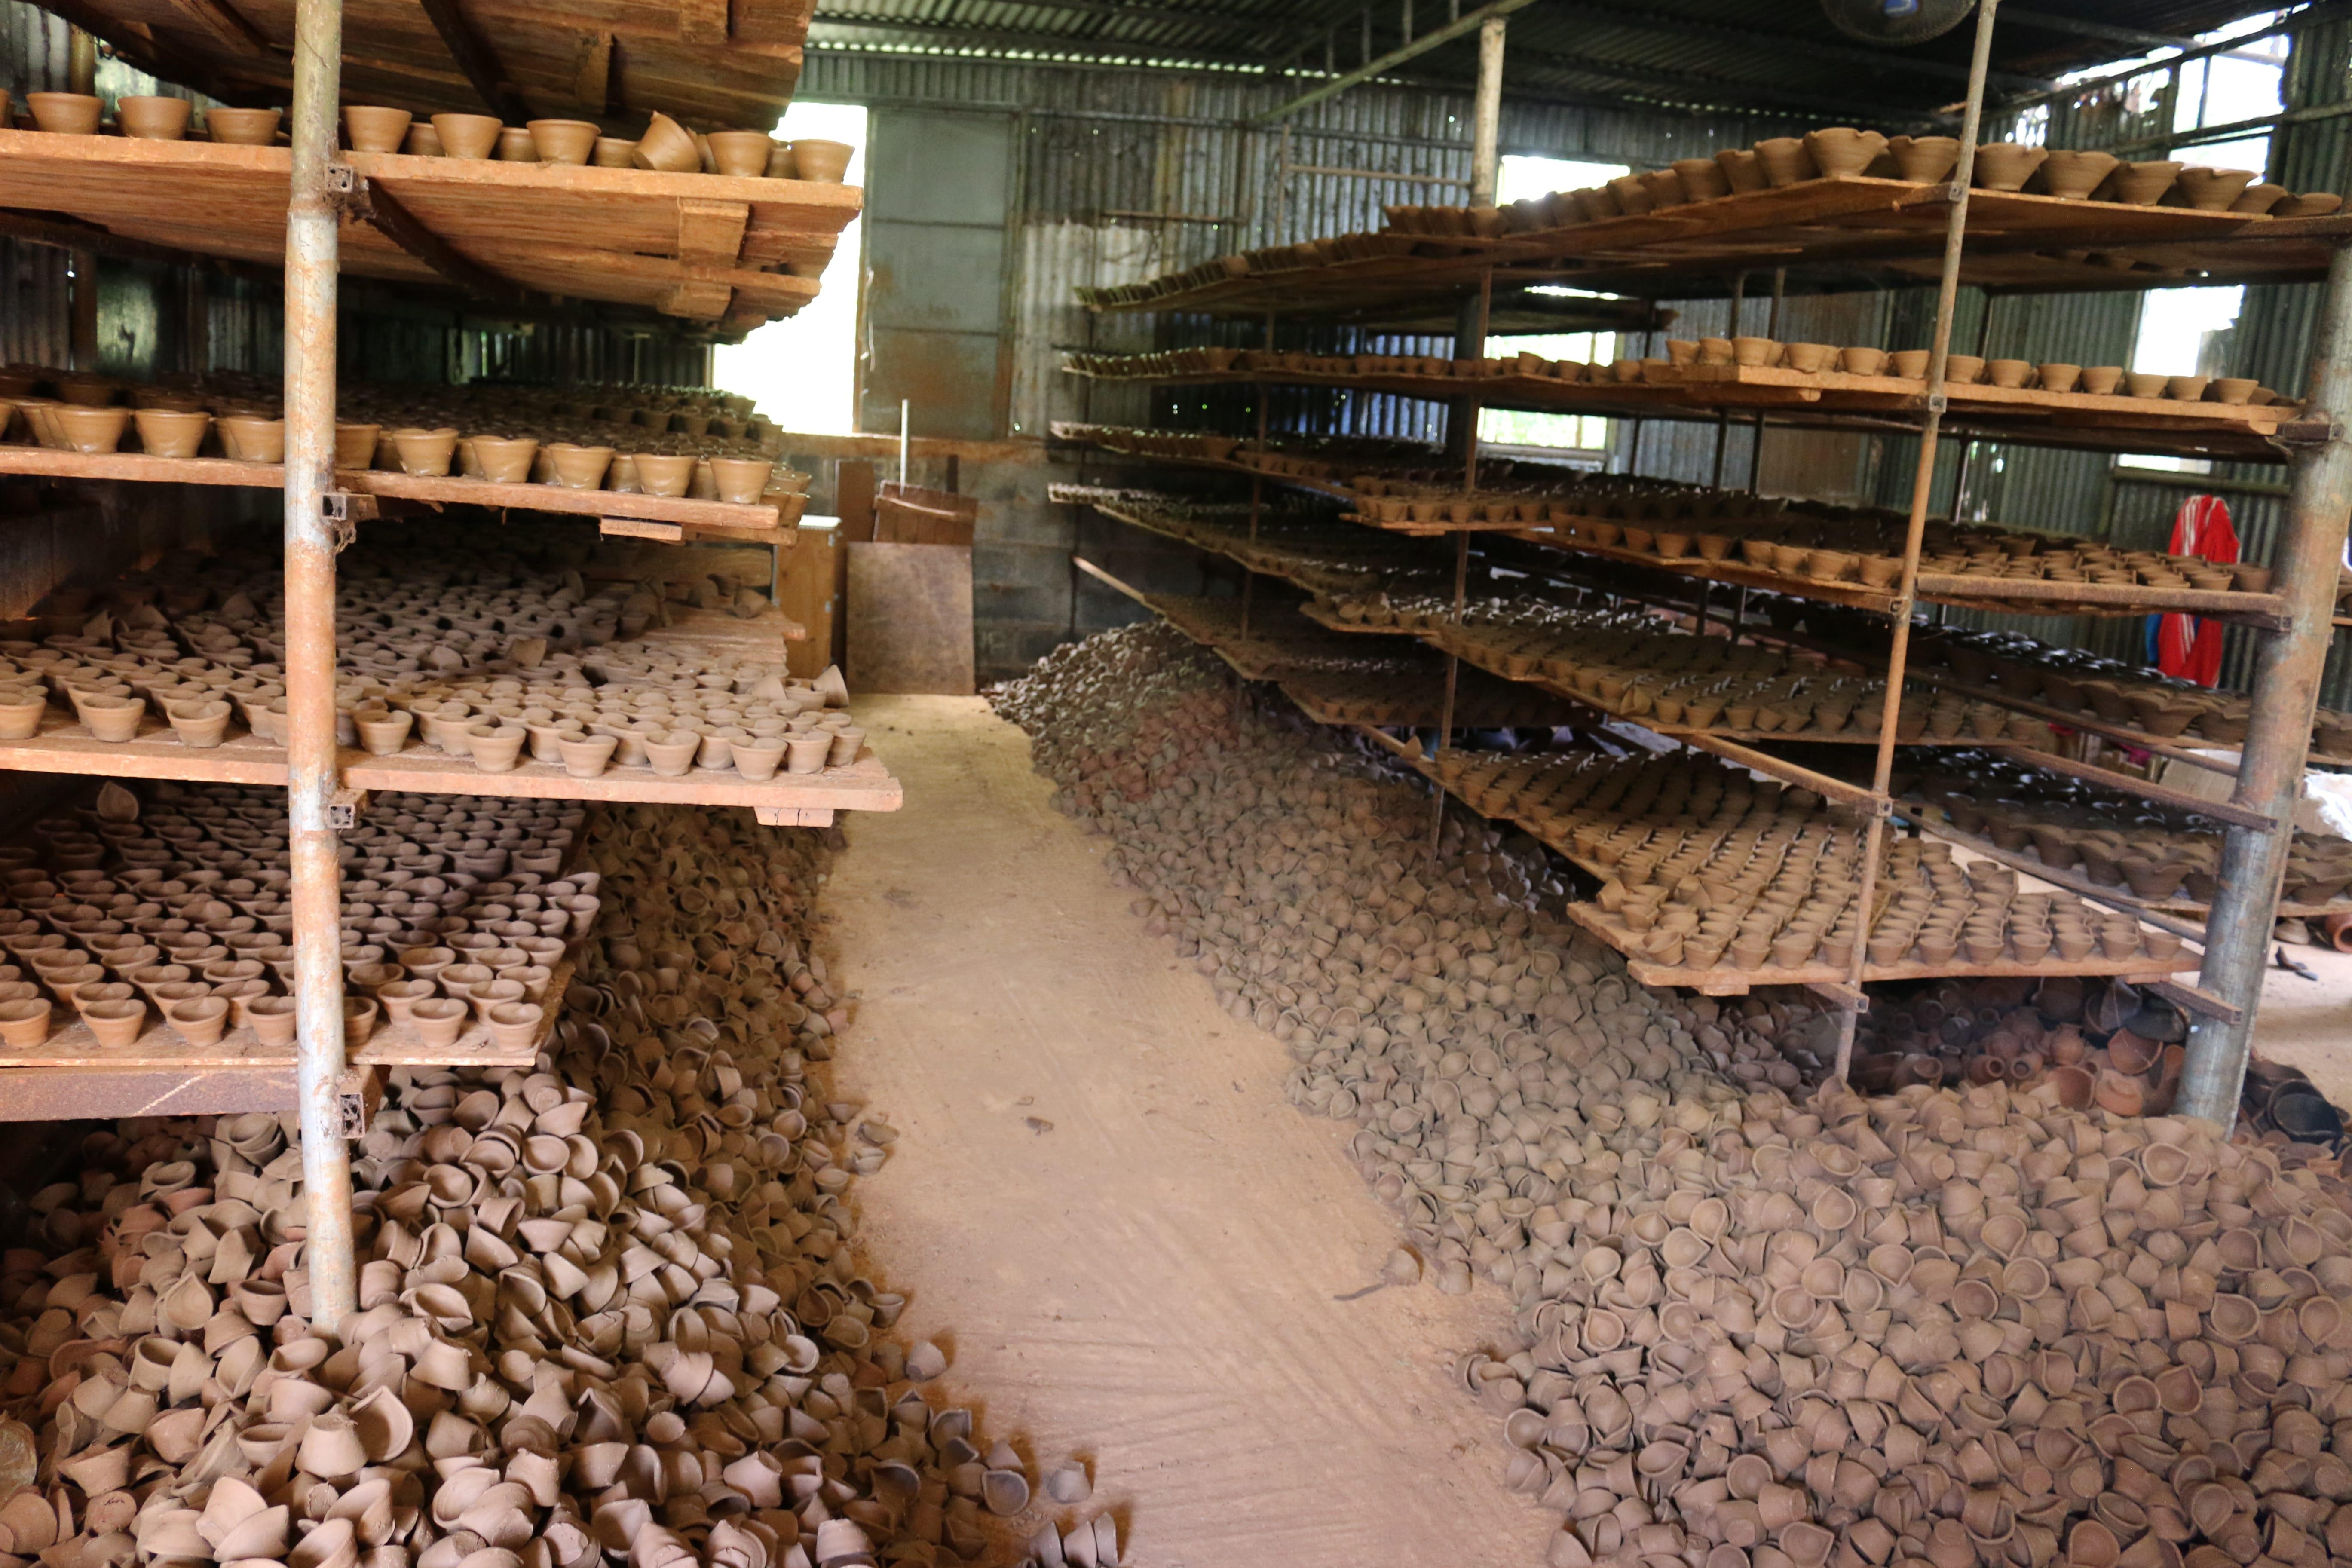 Ile Maurice traditions poterie entrepot Arsenal diya